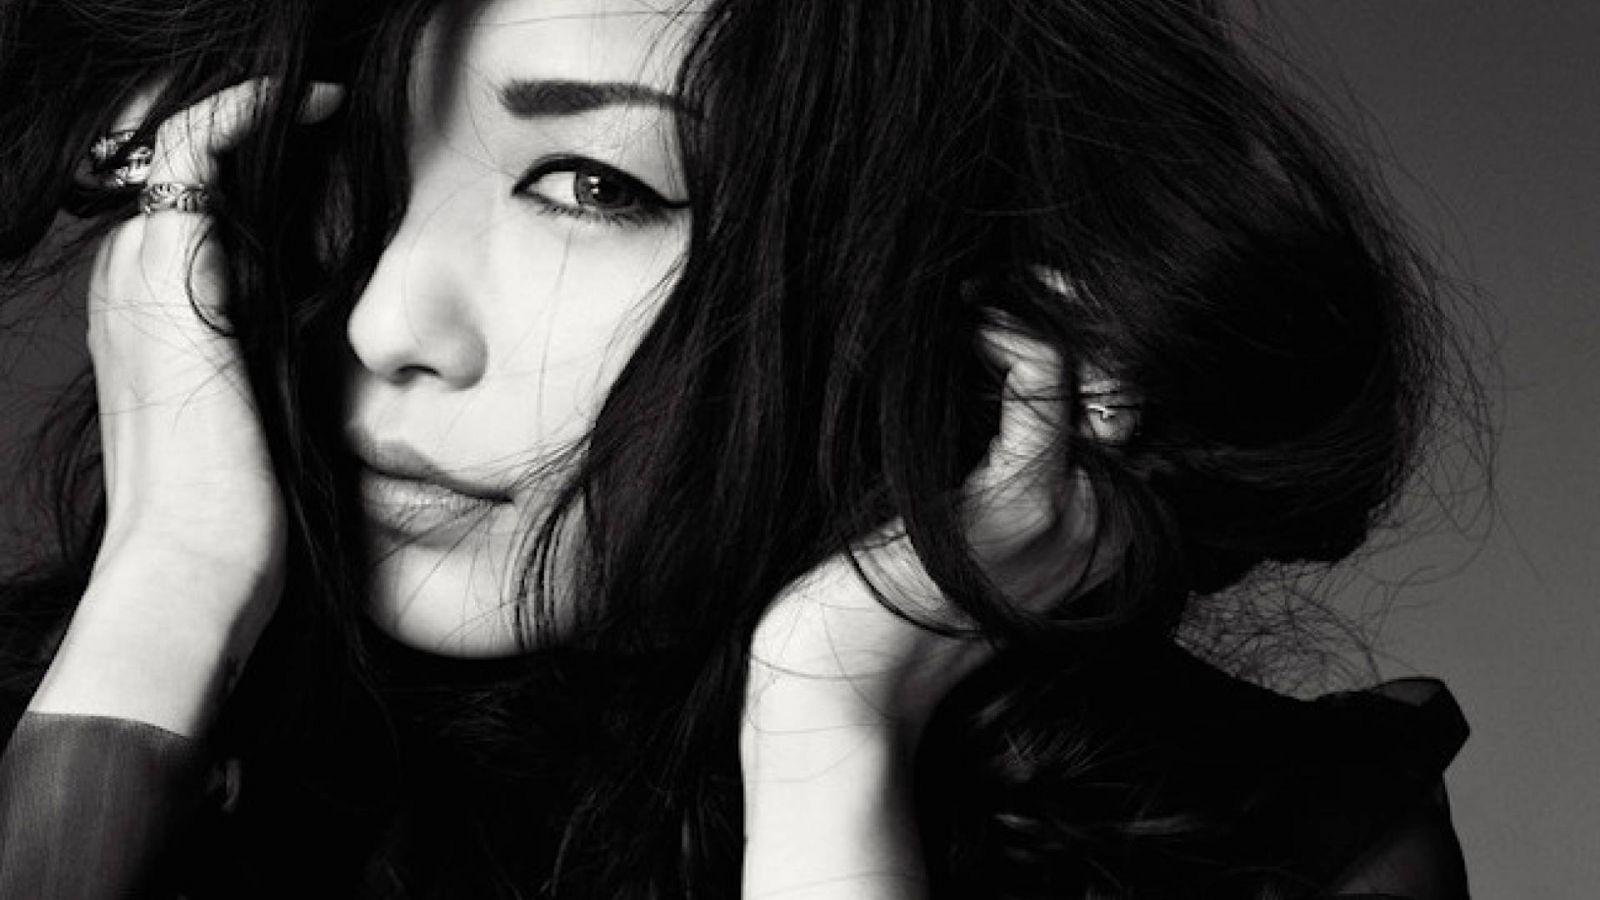 Mika Nakashiman lauluun perustuva elokuva Yuki no hana © Sony Music Entertainment (Japan) Inc.